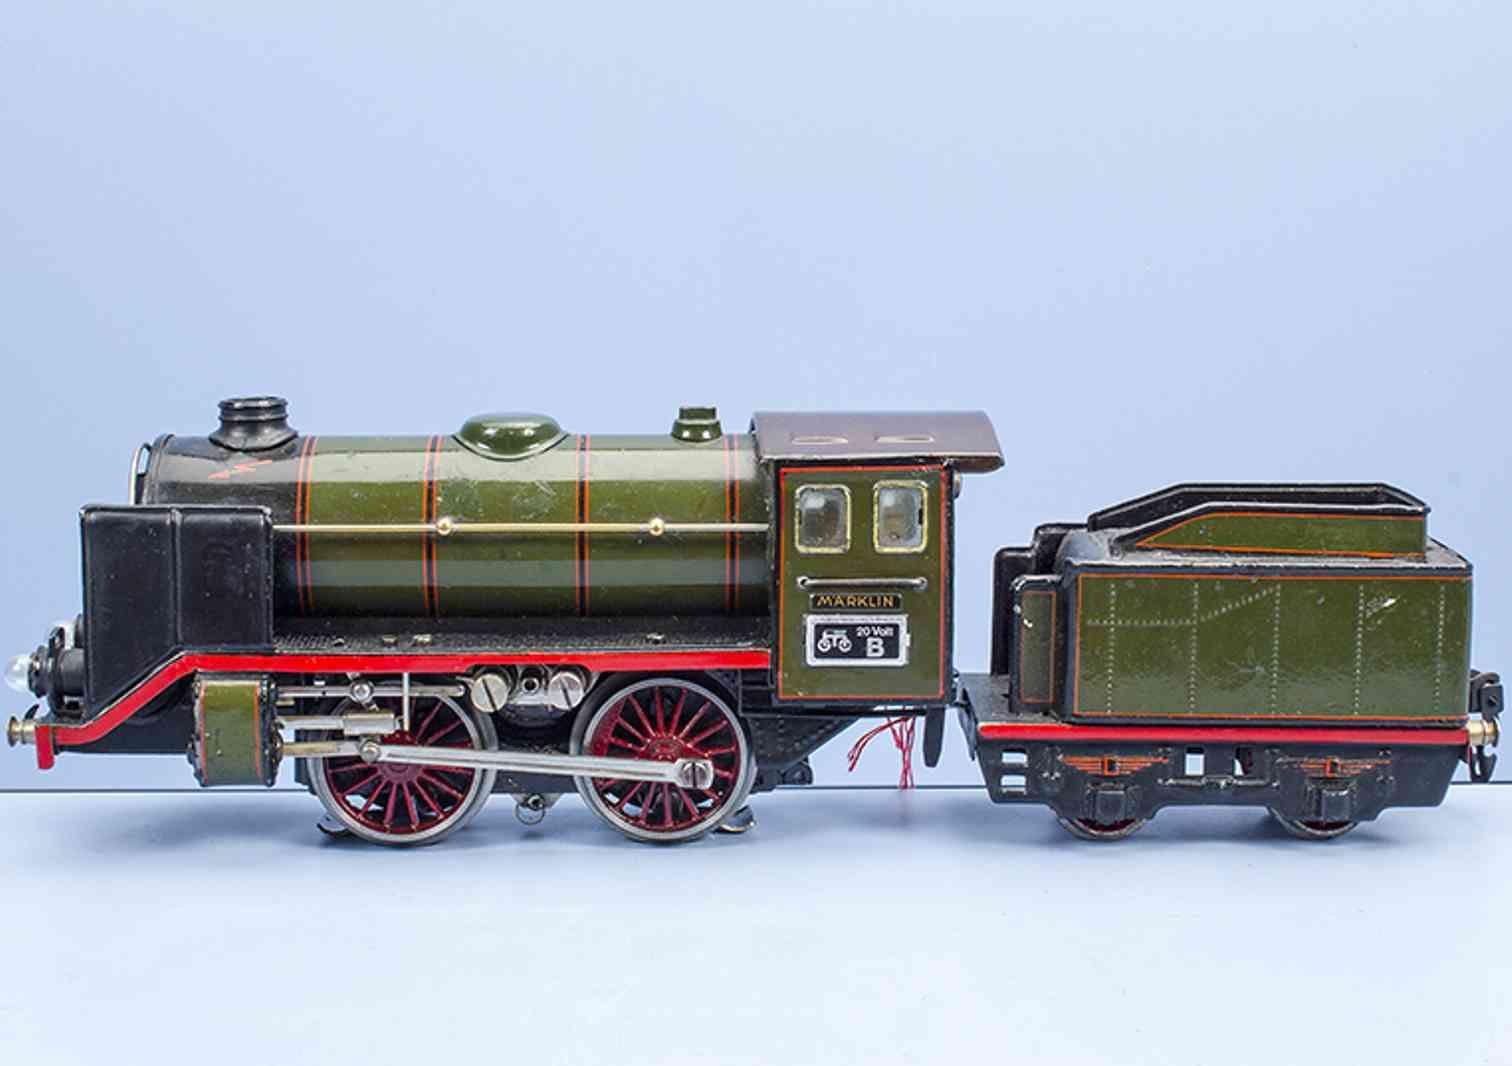 maerklin r 66/12920 1934 spielzeug eisenbahn 20 volt dampflokomotive spur 0